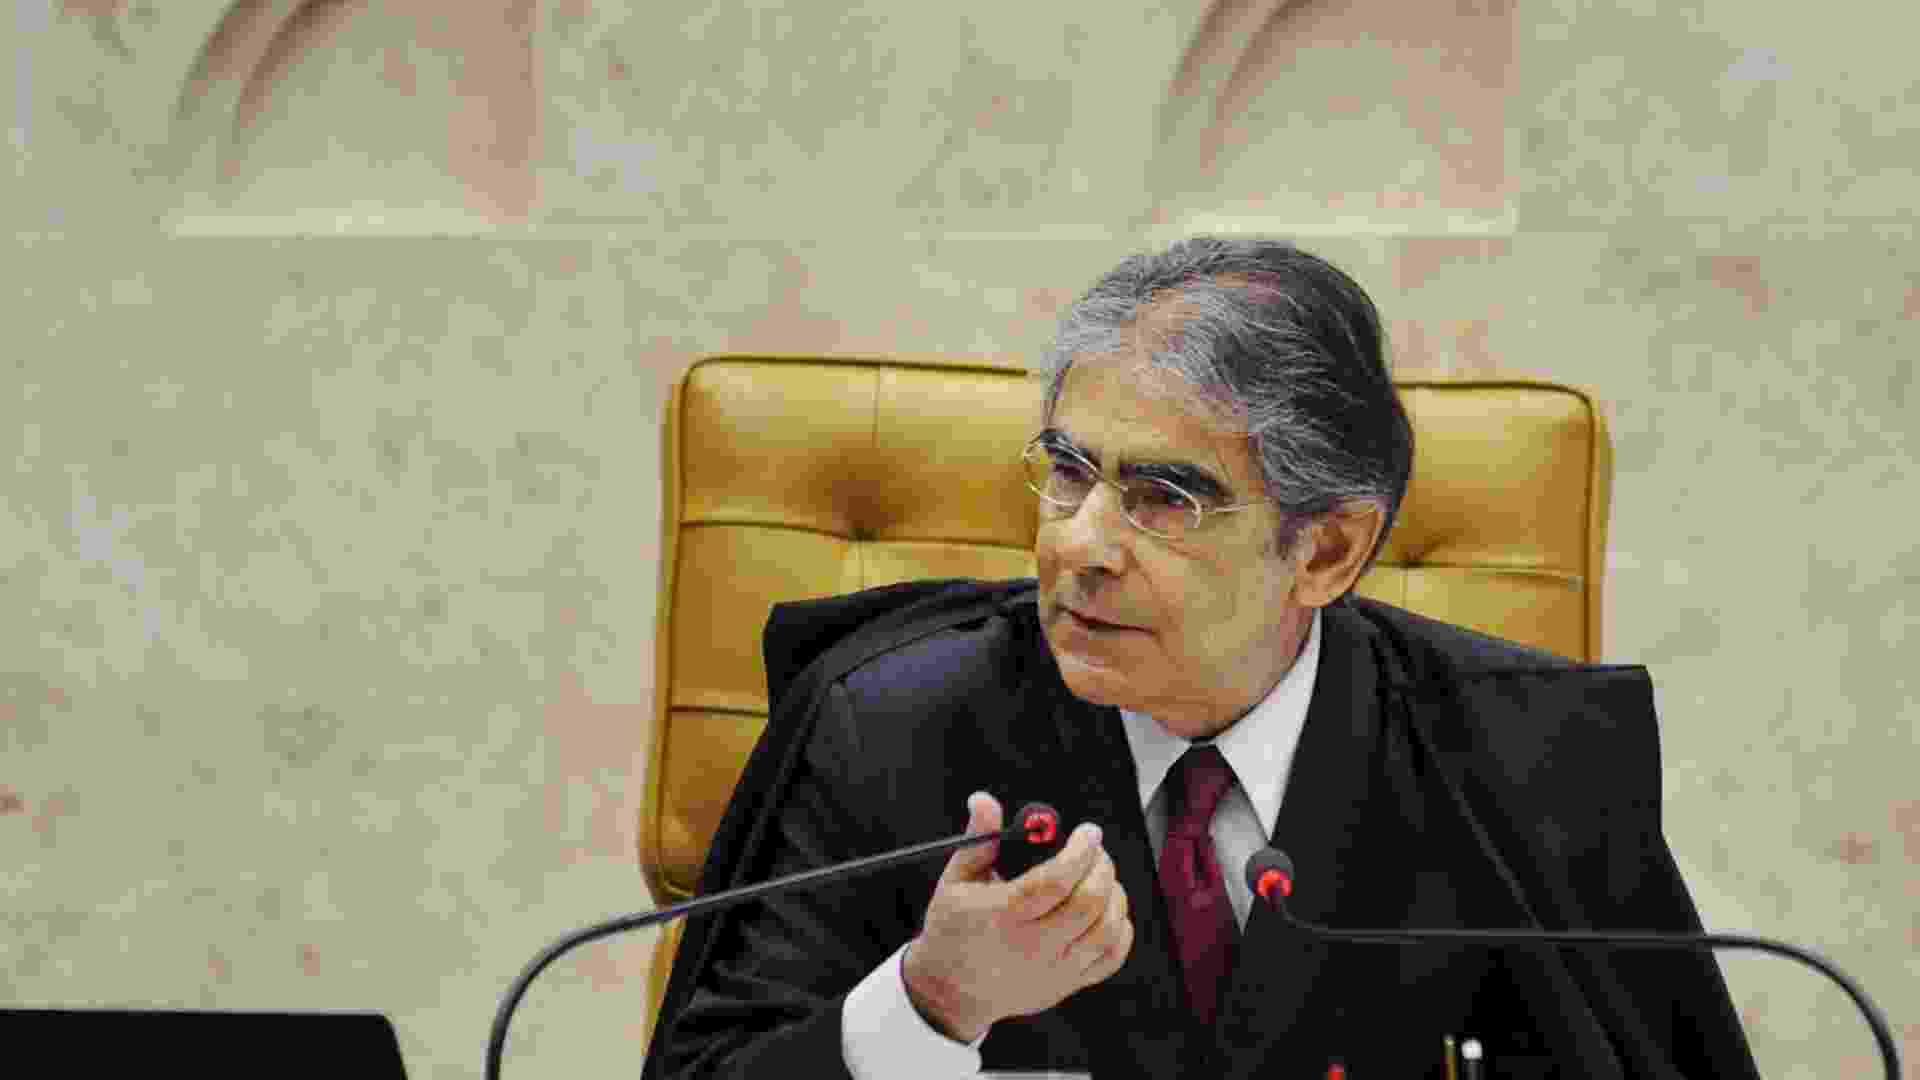 9.out.2012 - Presidente do Supremo Tribunal Federal (STF), ministro Carlos Ayres Britto, durante sessão de julgamento do processo do mensalão  - Fabio Rodrigues Pozzebom/ABr